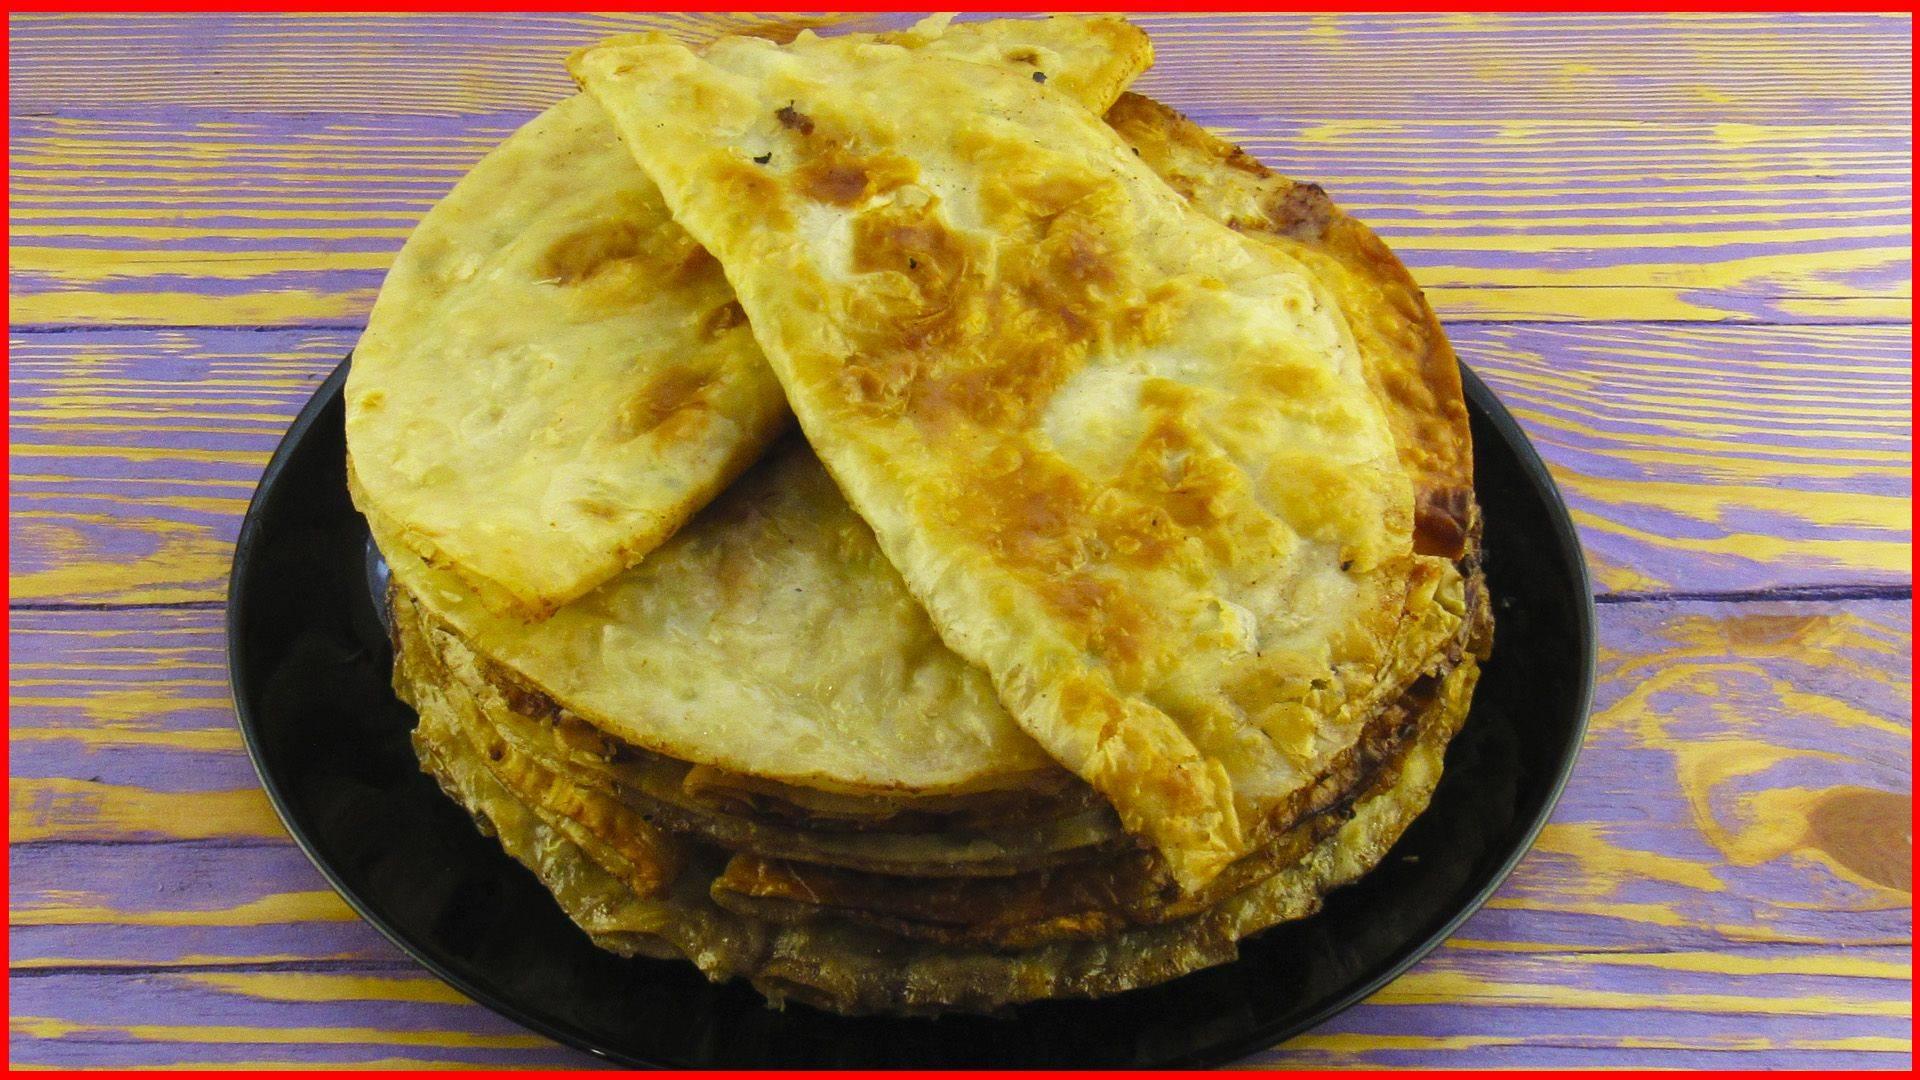 Ленивые чебуреки – любимое блюдо за несколько минут. рецепты ленивых чебуреков с лавашем, вафельными коржами, жидким тестом